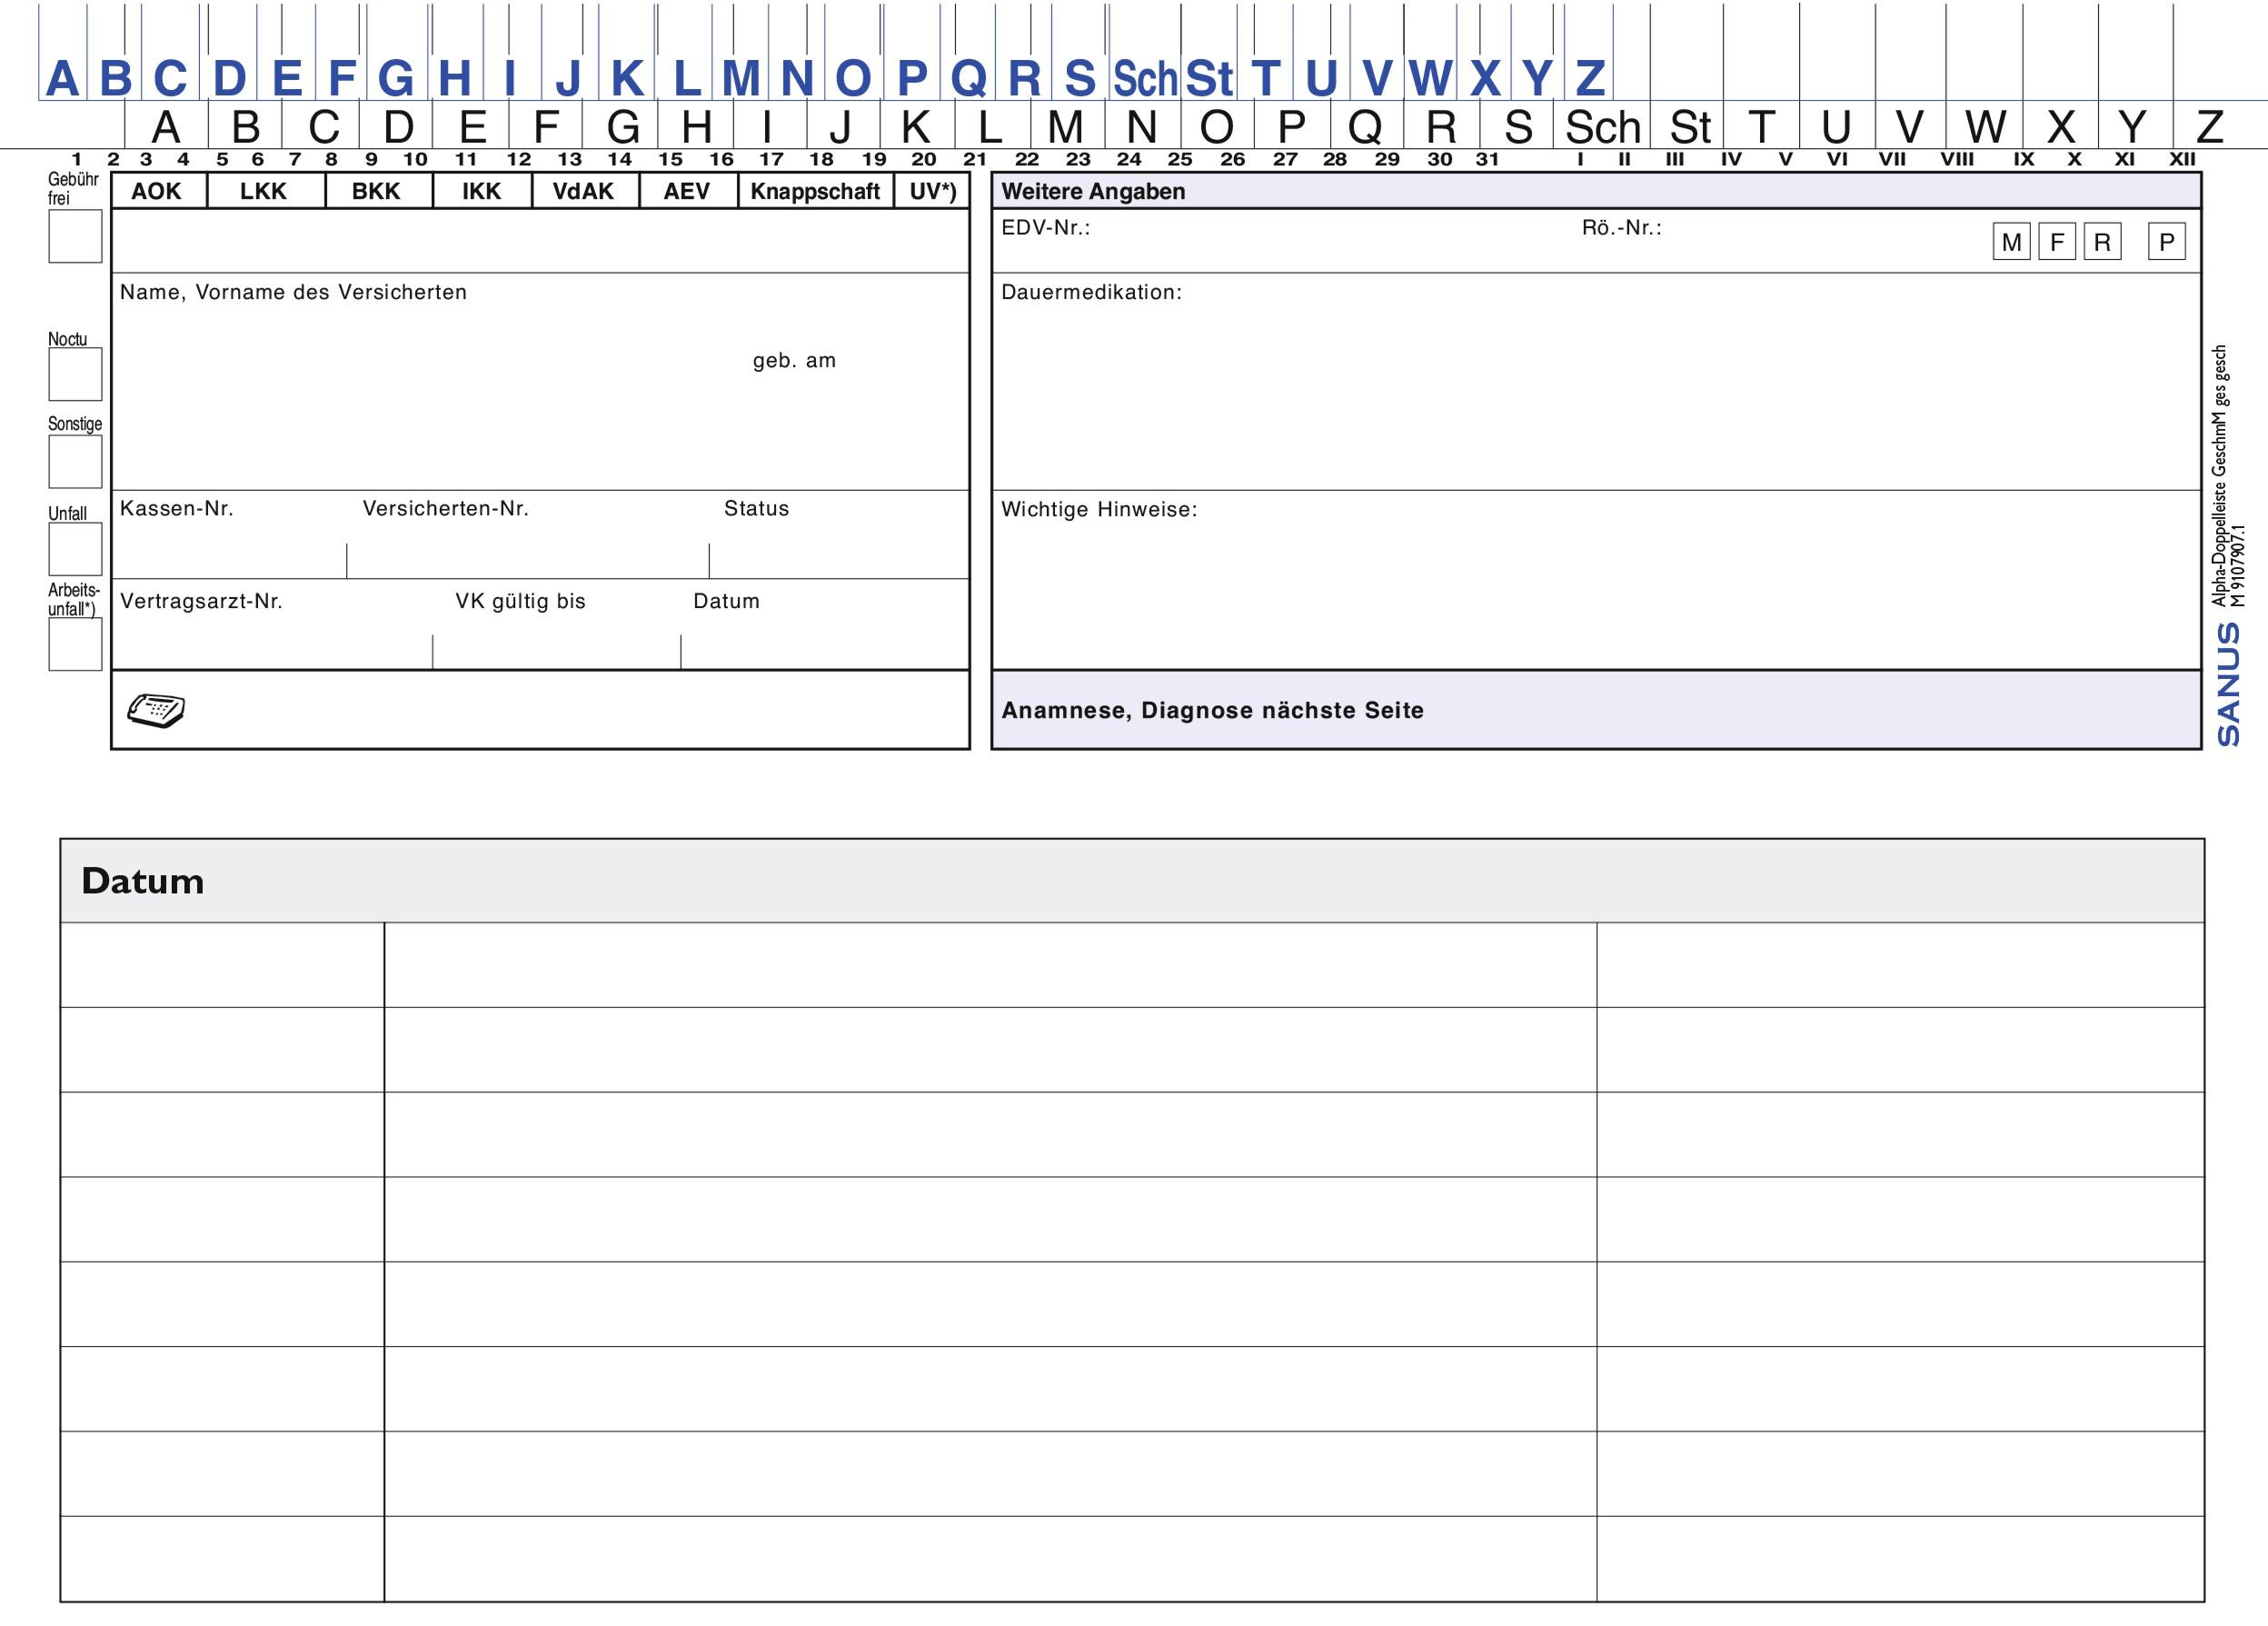 SANUS - Patientenkarteikarten - Patientenkarteimappen